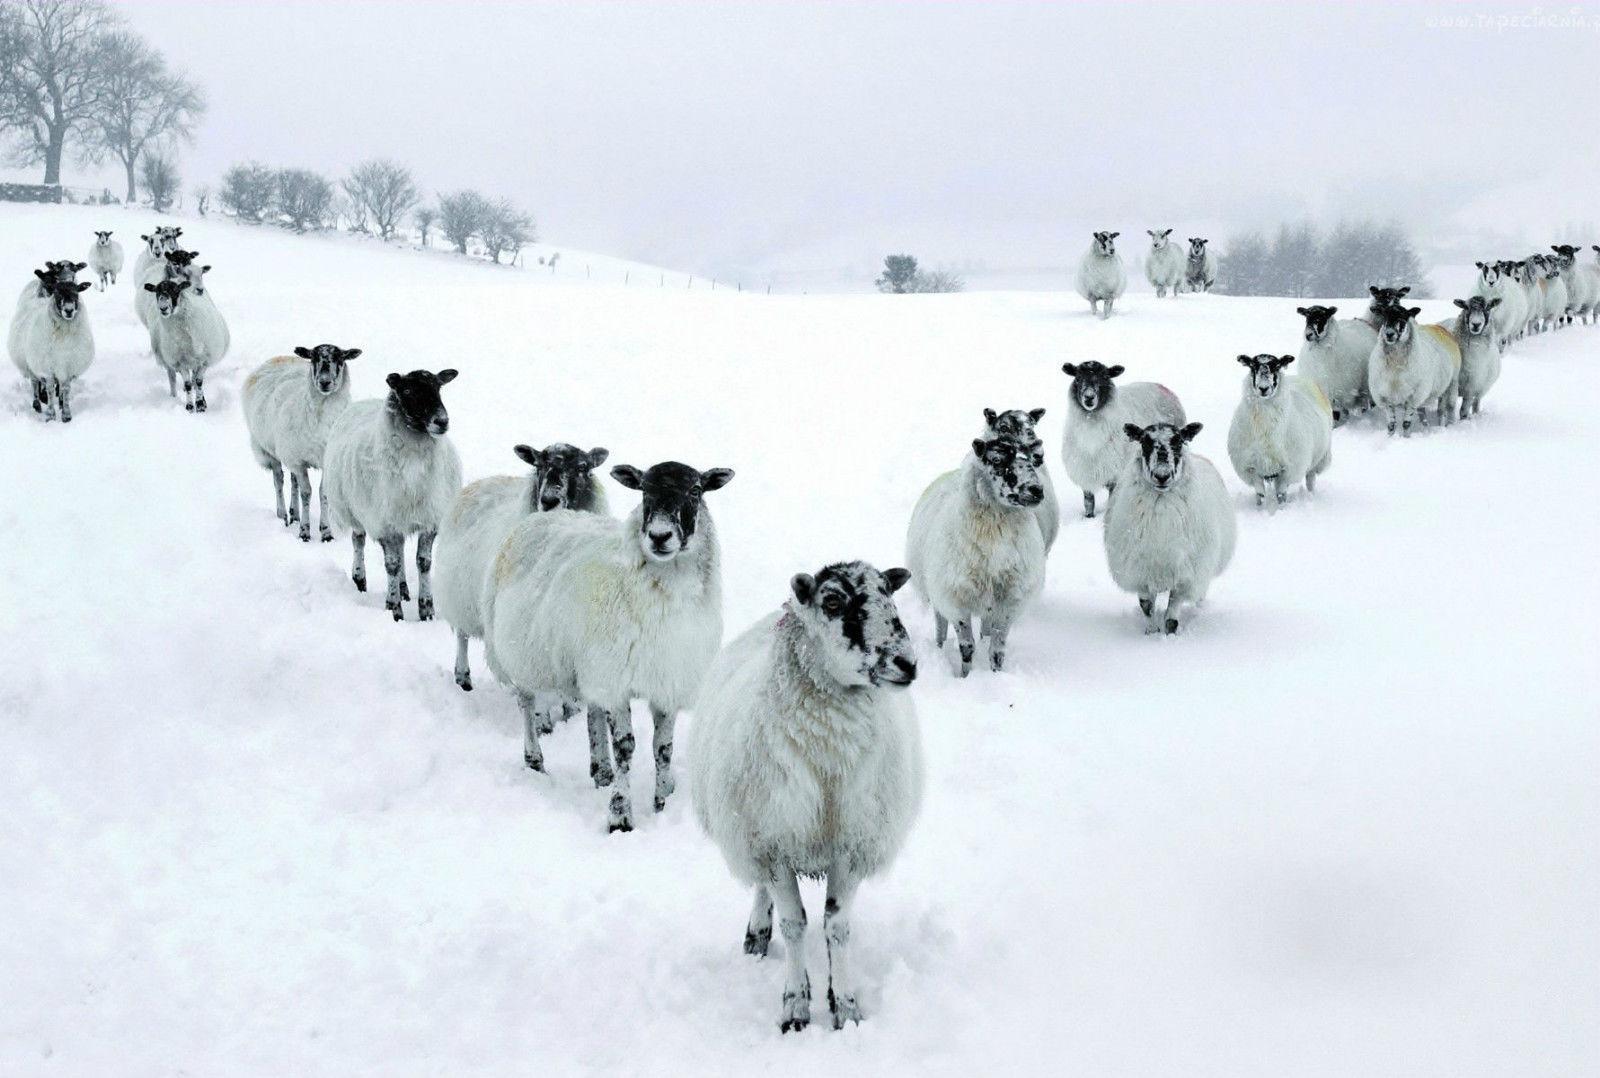 Bir Kar kaplı beyaz Koyun Alan Sanat İpek Baskı Poster 24x36 inç (60x90 cm) 089